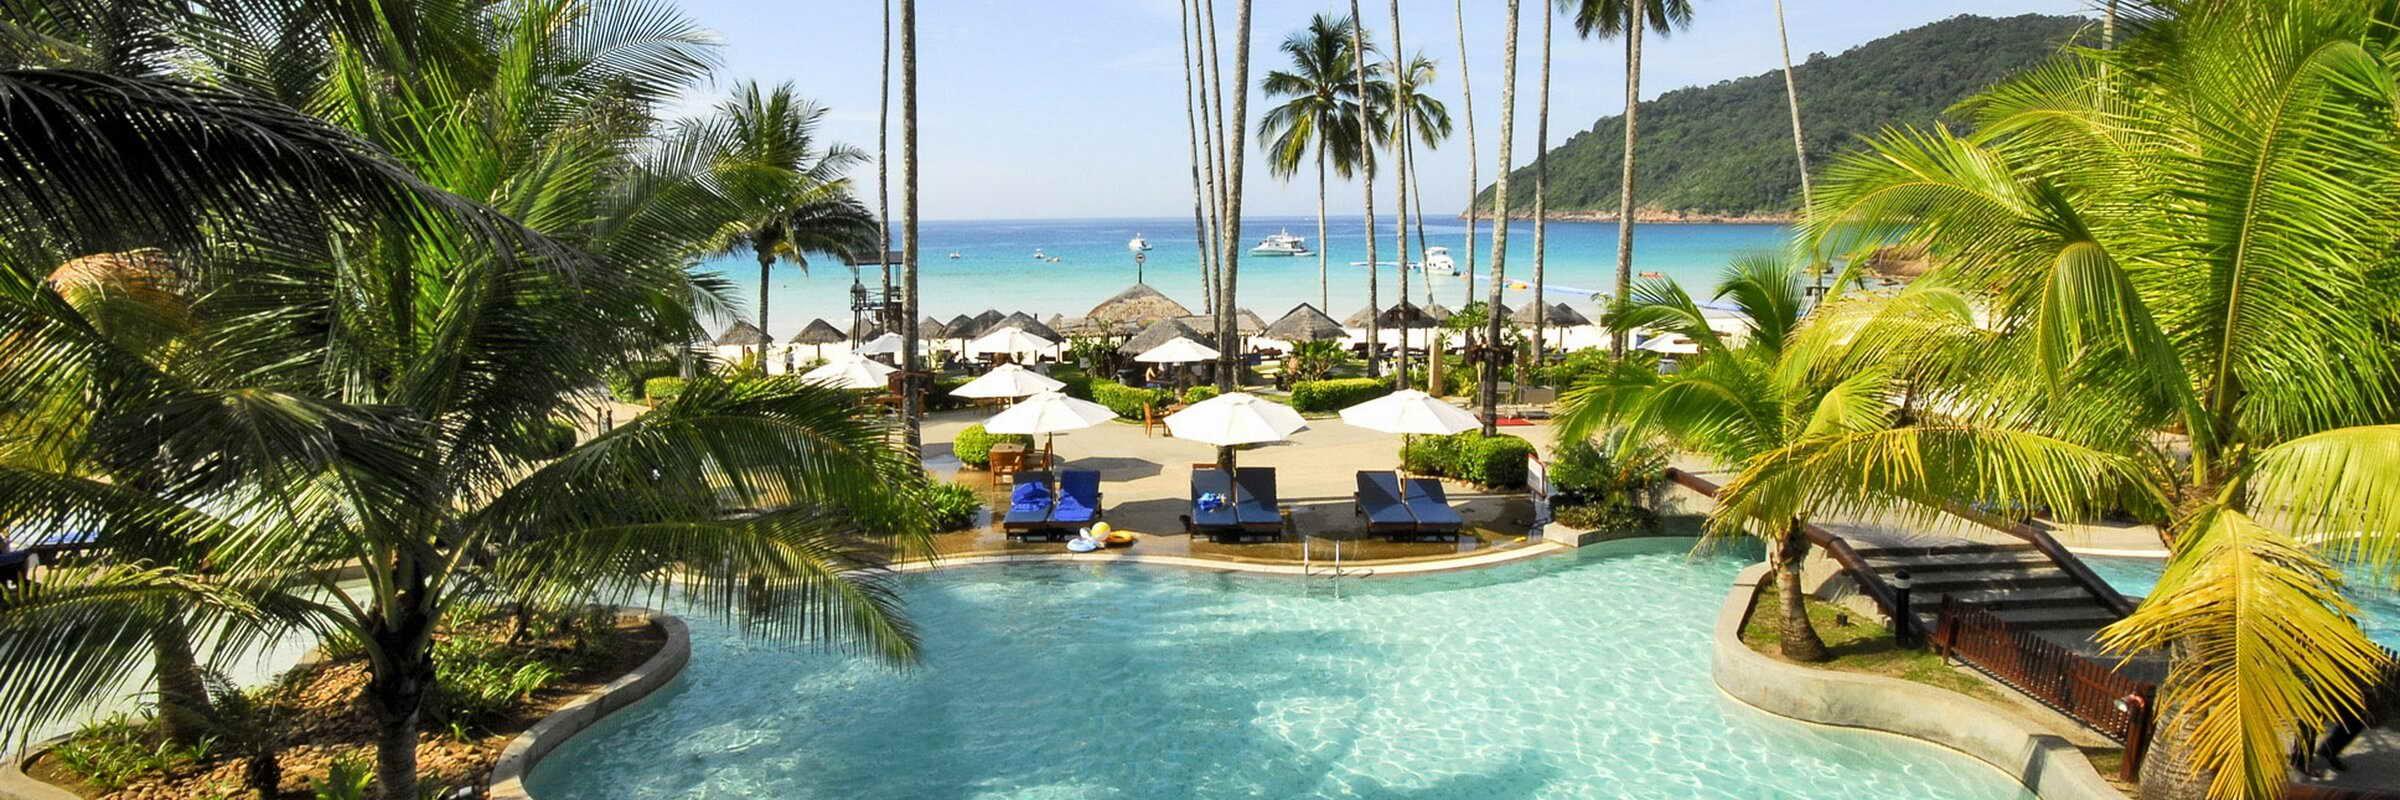 Weitläufige Poollandscahft mit separatem Kinderbecken und Sonnenterasse zum Entspannen und Erholen des The Taaras Beach & Spa Resort